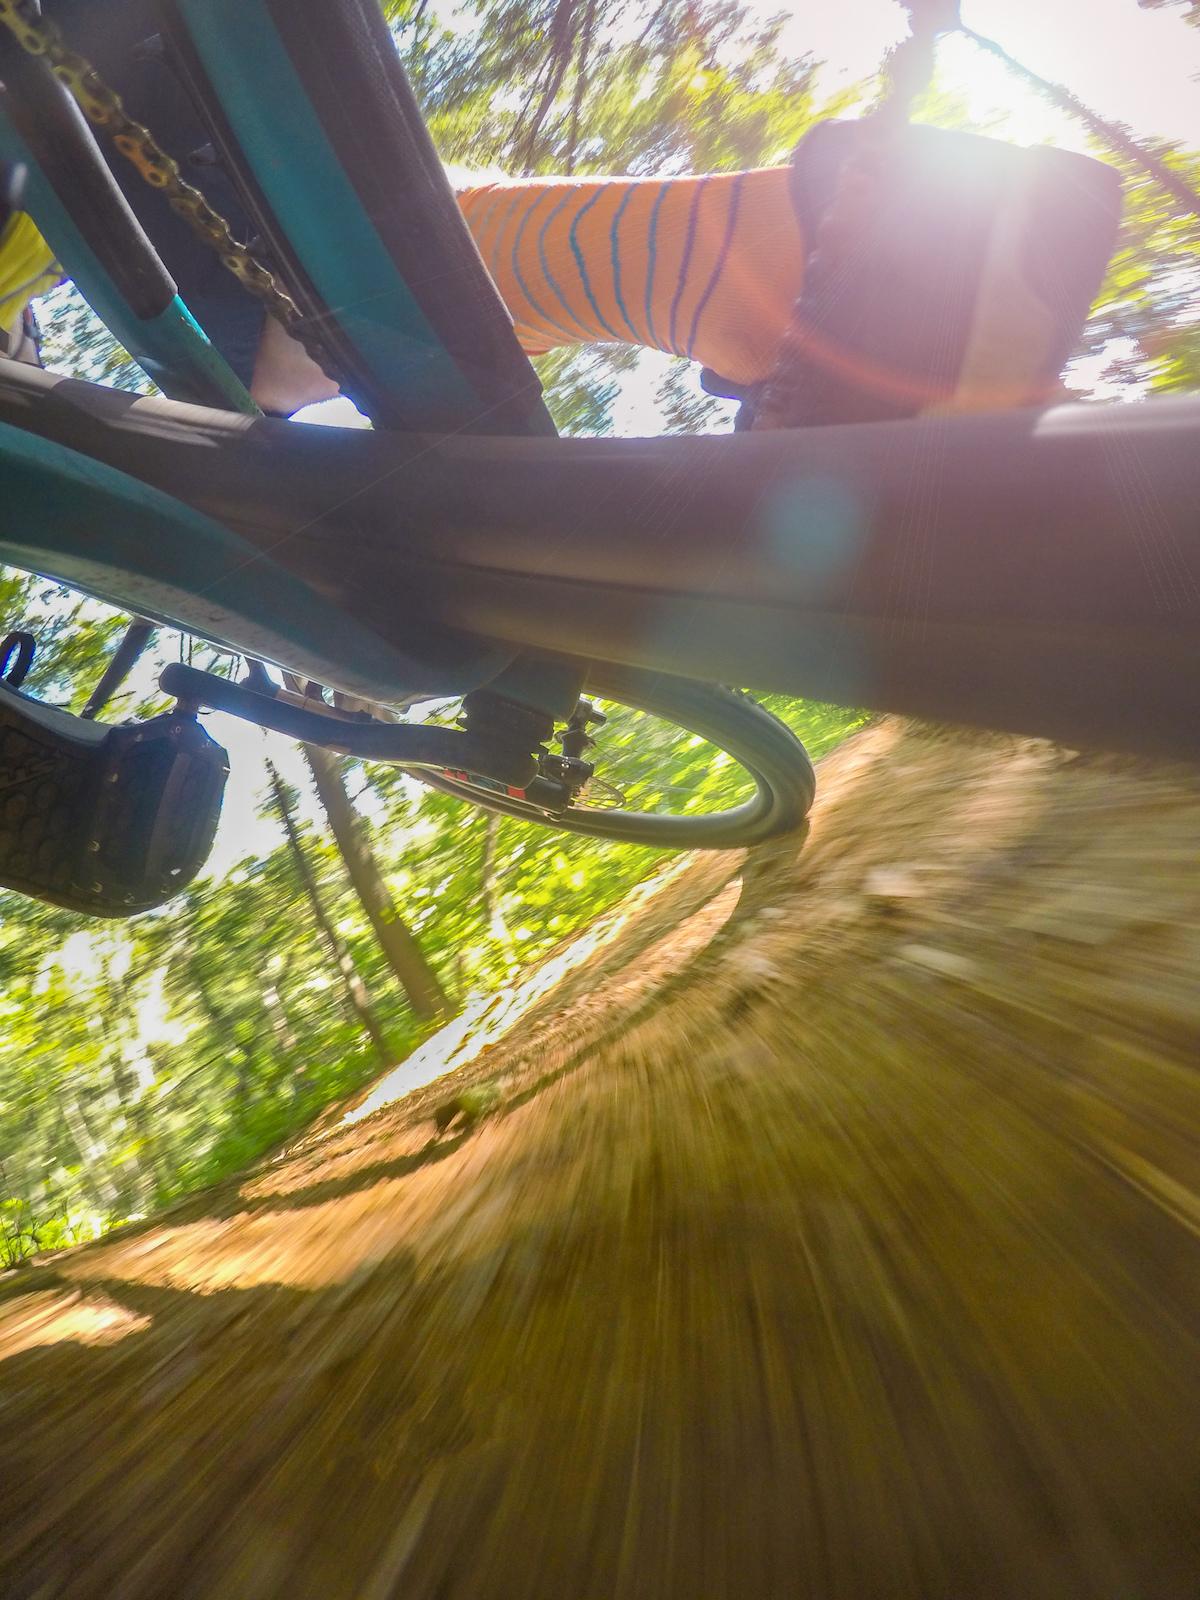 Finding the motion in a logarithmic spiral. www.kelleyhale.com kelleyhalephoto